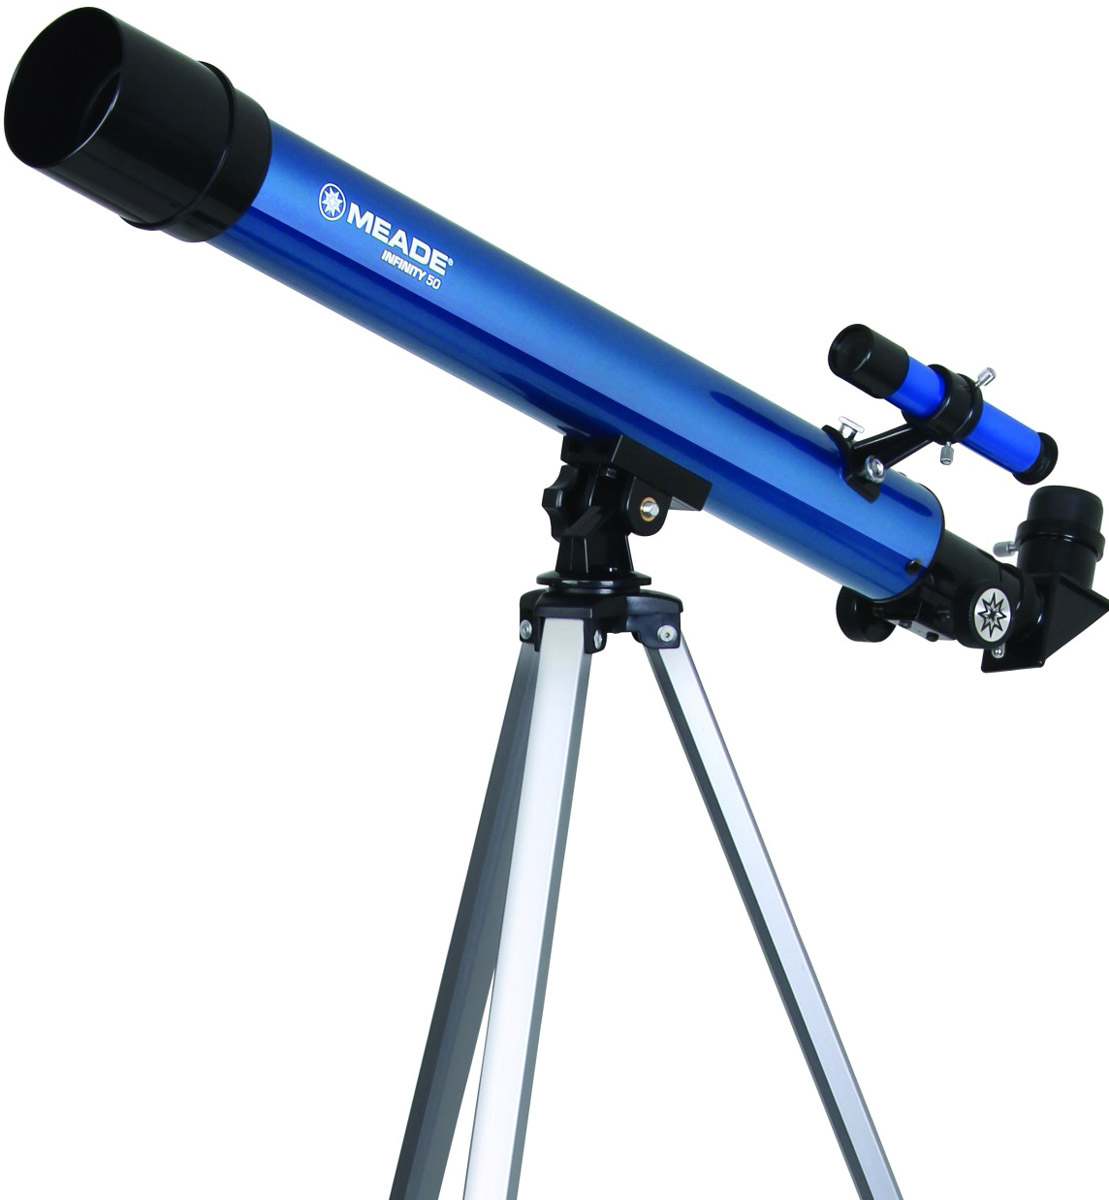 Meade Infinity 50 мм азимутальный телескоп-рефракторTP209001Легкий, простой в сборке телескоп-рефрактор с объективом диаметром 50 мм обеспечивает хорошее разрешение для наблюдения Луны, планет и наиболее ярких звездных скоплений, а так же удобен для наблюдений за наземными объектами. Этот компактный телескоп на устойчивой треноге из алюминиевого сплава отлично подойдет для юного астронома, делающего первые шаги в познании устройства Вселенной. Несмотря на кажущуюся простоту с помощью почти таких же телескопов астрономы в средние века совершили впечатляющие открытия.Телескоп укомплектован азимутальной монтировкой (системой шарниров, обеспечивающей удобное перемещение оптической трубы по вертикали и горизонтали) на устойчивой треноге с возможностью регулировки высоты ног, делая его удобным при наблюдениях независимо от роста человека. Азимутальная монтировка очень проста в сборке и установке. Для удобного поиска объектов на трубе телескопа установлен оптический искатель.В комплект телескопа Infinity 50 мм входит целых три окуляра 20, 12, и 4 мм, обеспечивающих увеличения 30, 50, и 150 крат и 2 кратной линзой Барлоу, которая увеличивает фокусное расстояние ровно в два раза и удваивает набор возможных увеличений без необходимости покупать какие-либо дополнительные окуляры. Диагональное 90 градусное зеркало, обеспечивает максимальный комфорт при наблюдении наземных объектов.Для производства объективов Infinity 50 мм используется оптическое стекло, а просветляющее покрытие линз уменьшает потери и паразитное рассеивание света, что обеспечивает очень хорошее качество изображения при малых и средних увеличениях. В телескоп с таким световым диаметром (50 мм) можно наблюдать Сатурн, Юпитер, Марс, а так же россыпи звезд скоплений Плеяды, Туманность Ориона. Так же доступны и другие астрономические объекты.В качестве бонуса в комплект включен диск с программой-планетарием, которая покажет положение созвездий и других объектов на момент вашего наблюдения. Эта программа поможет не 